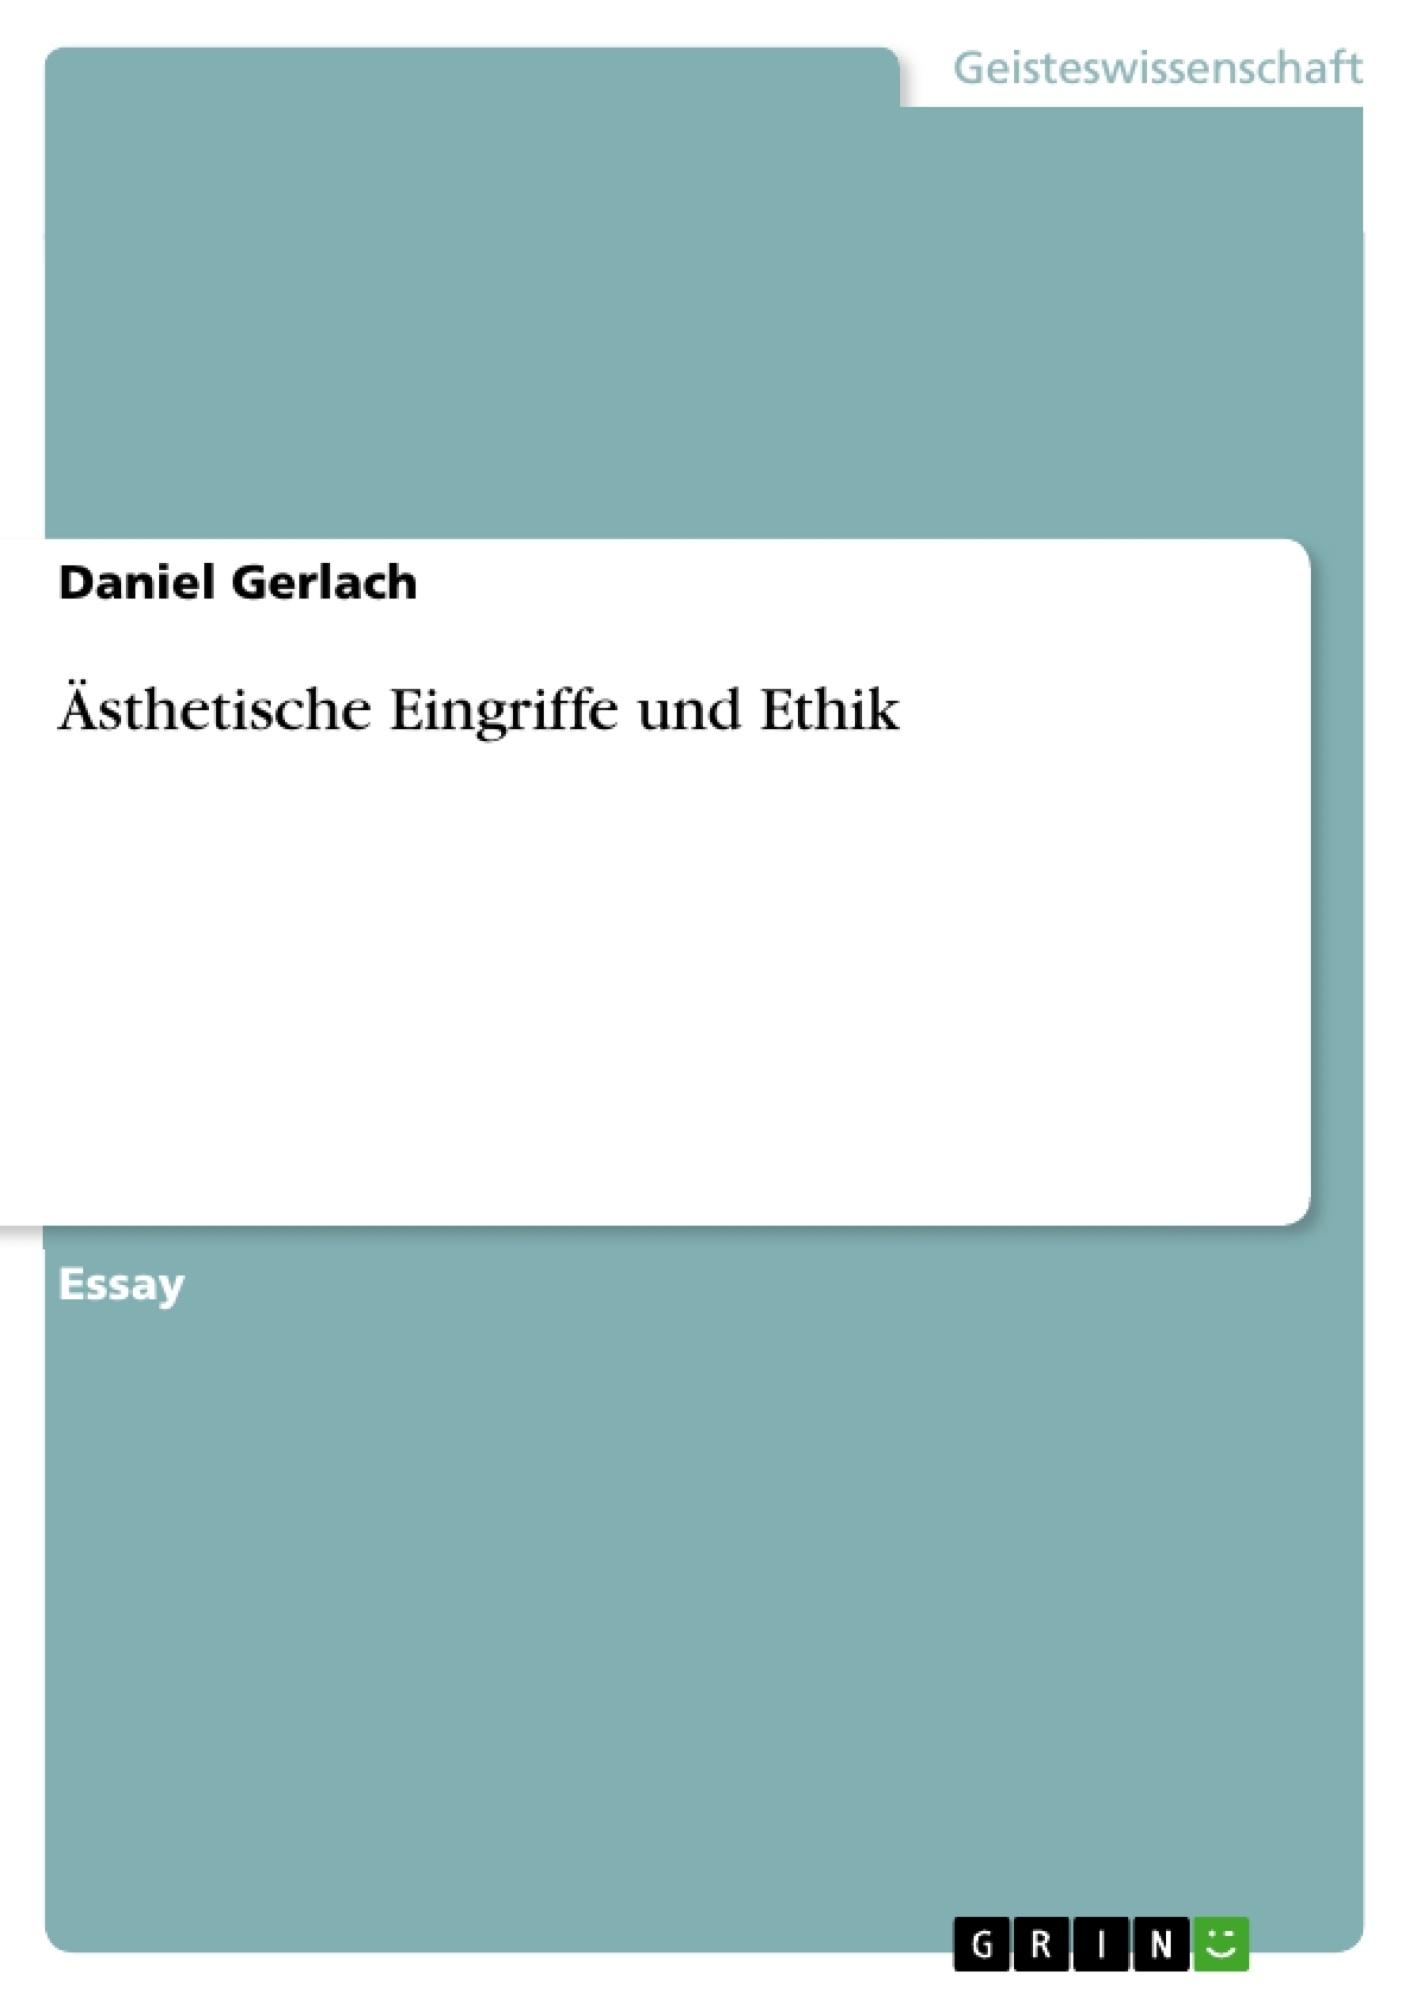 Titel: Ästhetische Eingriffe und Ethik